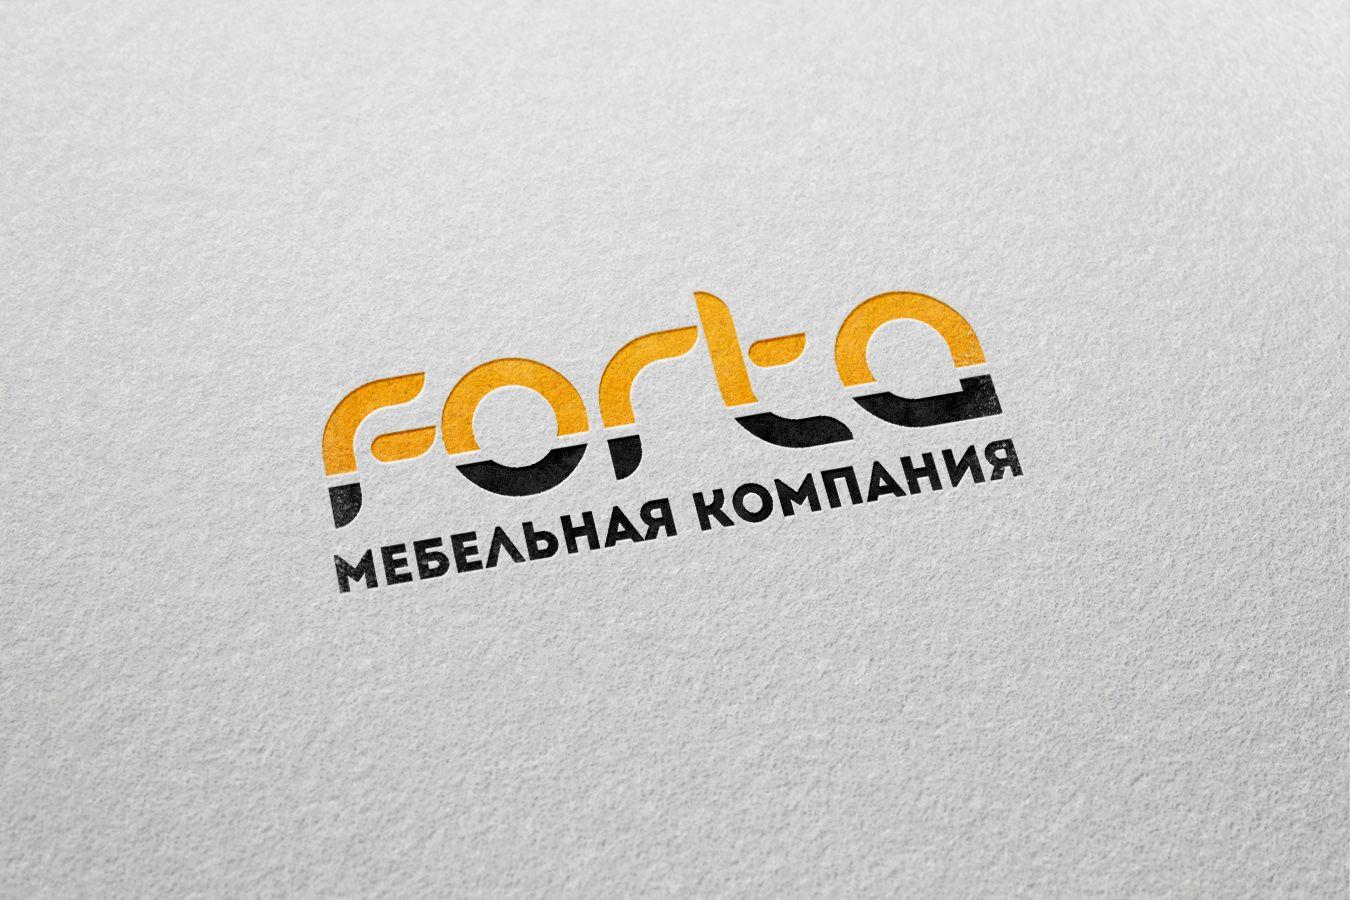 Логотип и фирменный стиль для мебельной компании . - дизайнер IgorTsar